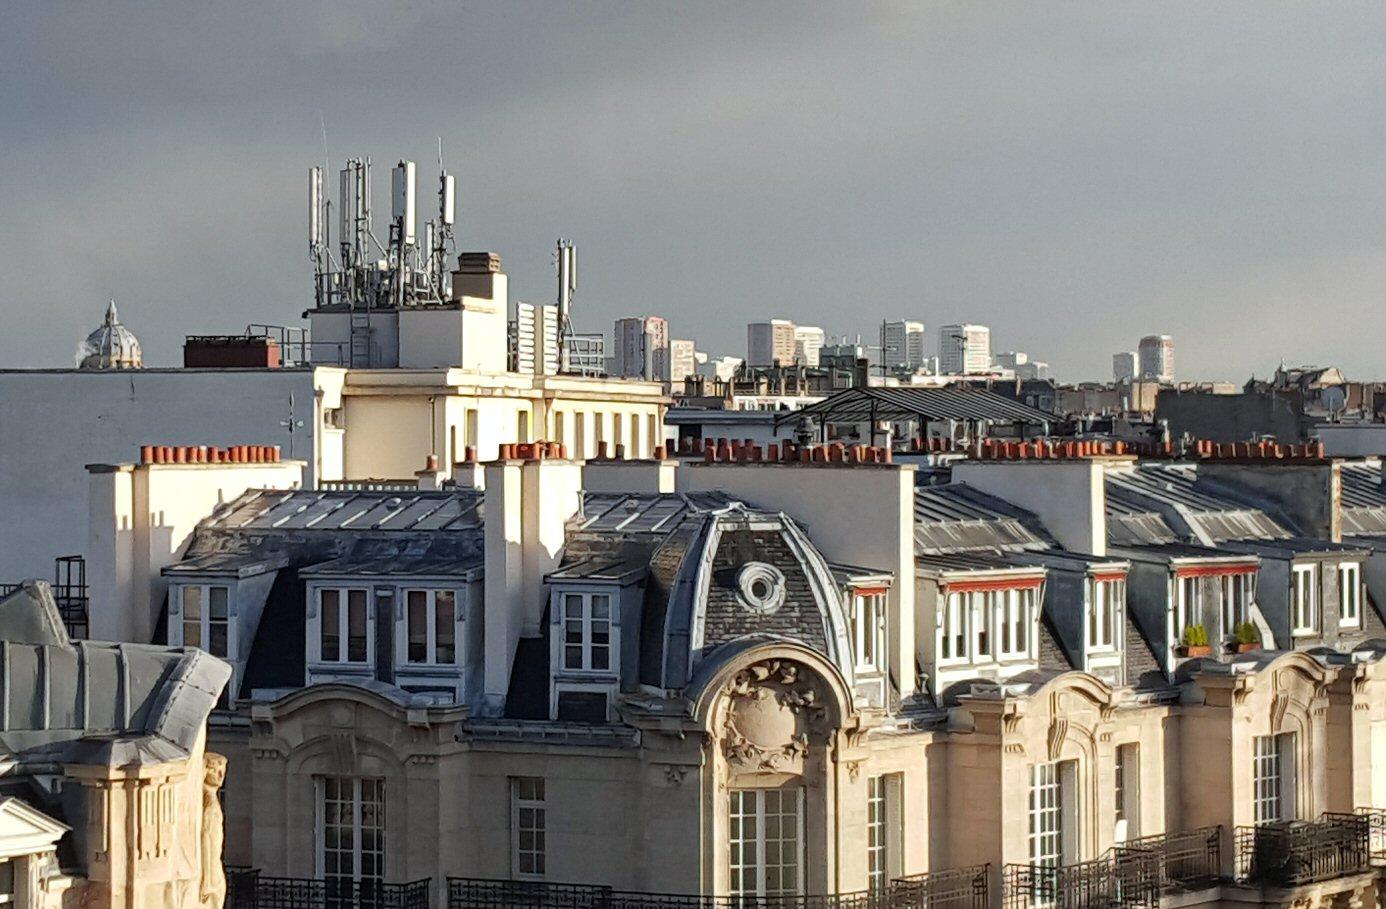 Arras et mesures électromagnétiques - Demain Conseils